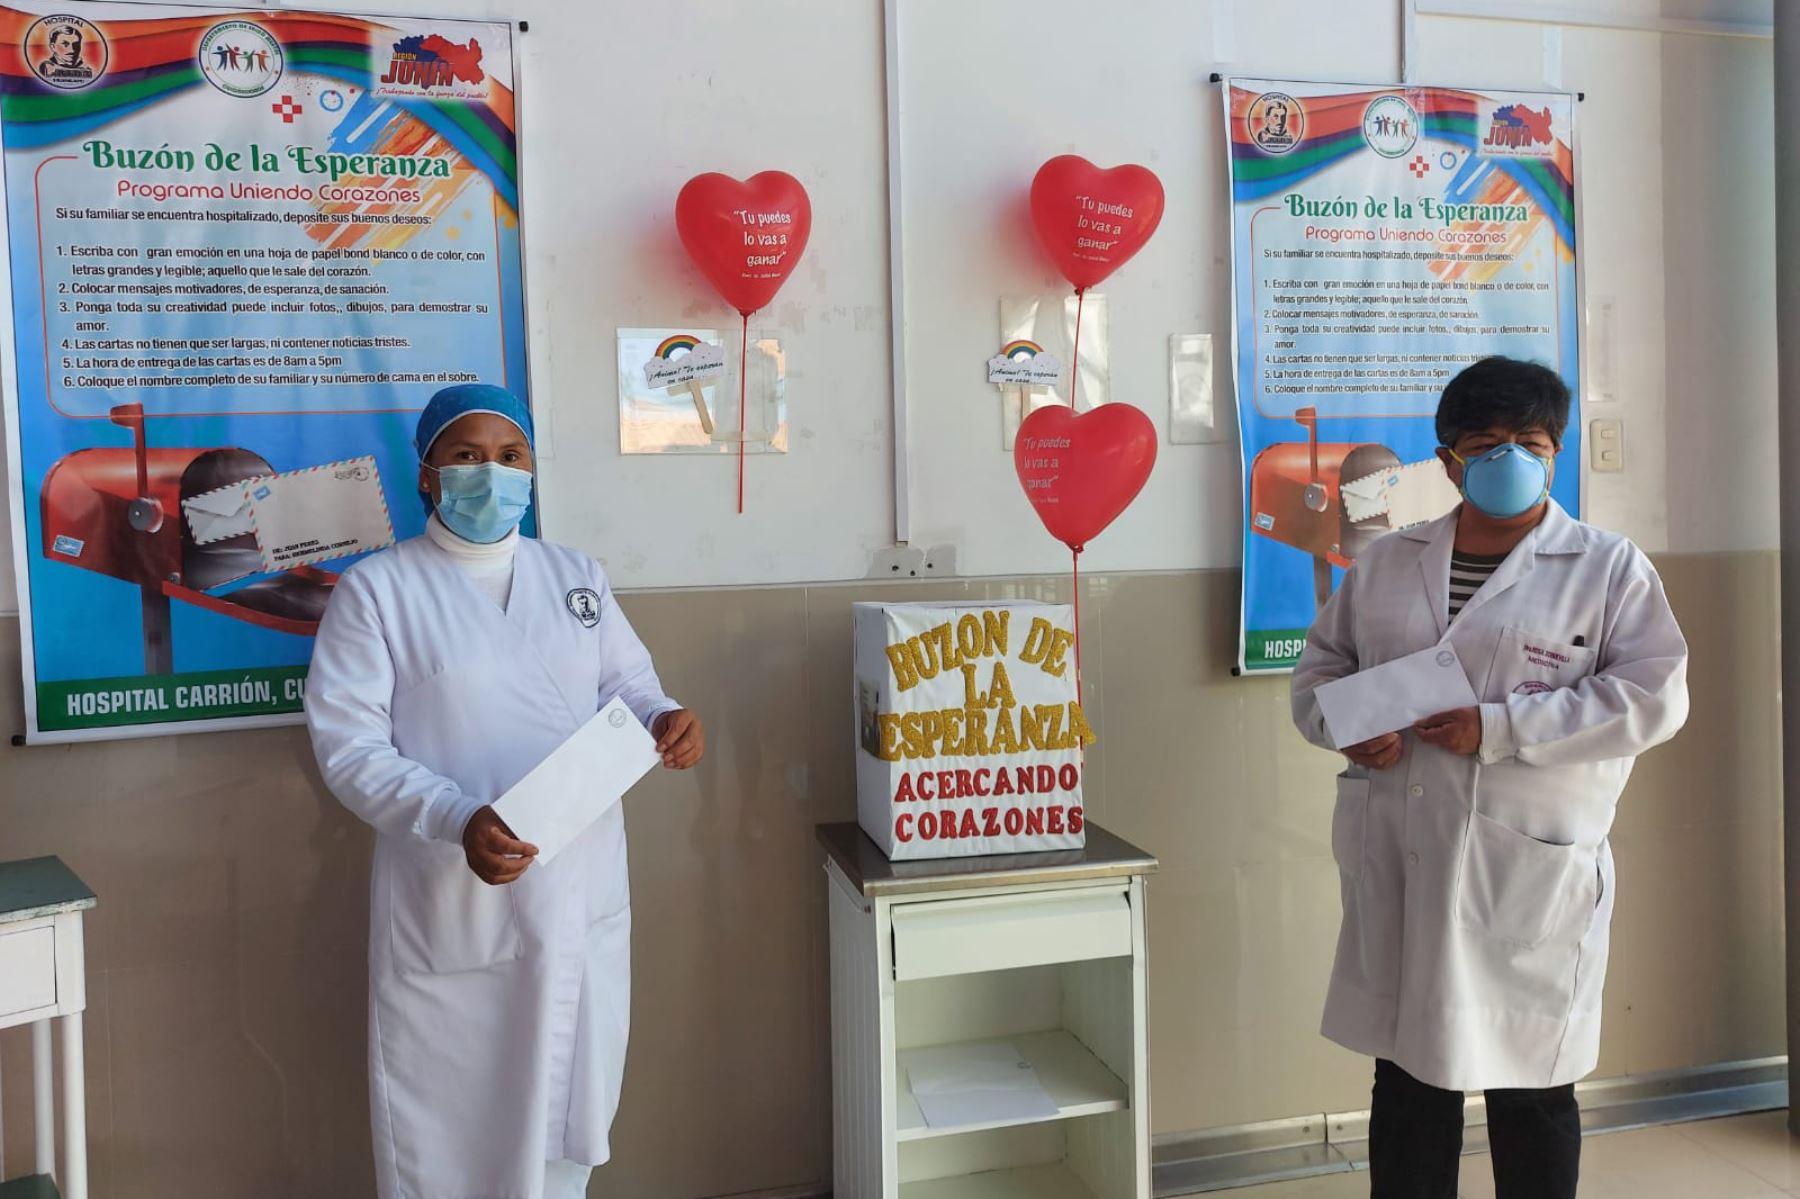 En el hospital Carrión de Huancayo, las cartas de motivación serán recibidas de 8:00 a 17:00 horas. Foto: ANDINA/Cortesía Pedro Tinoco